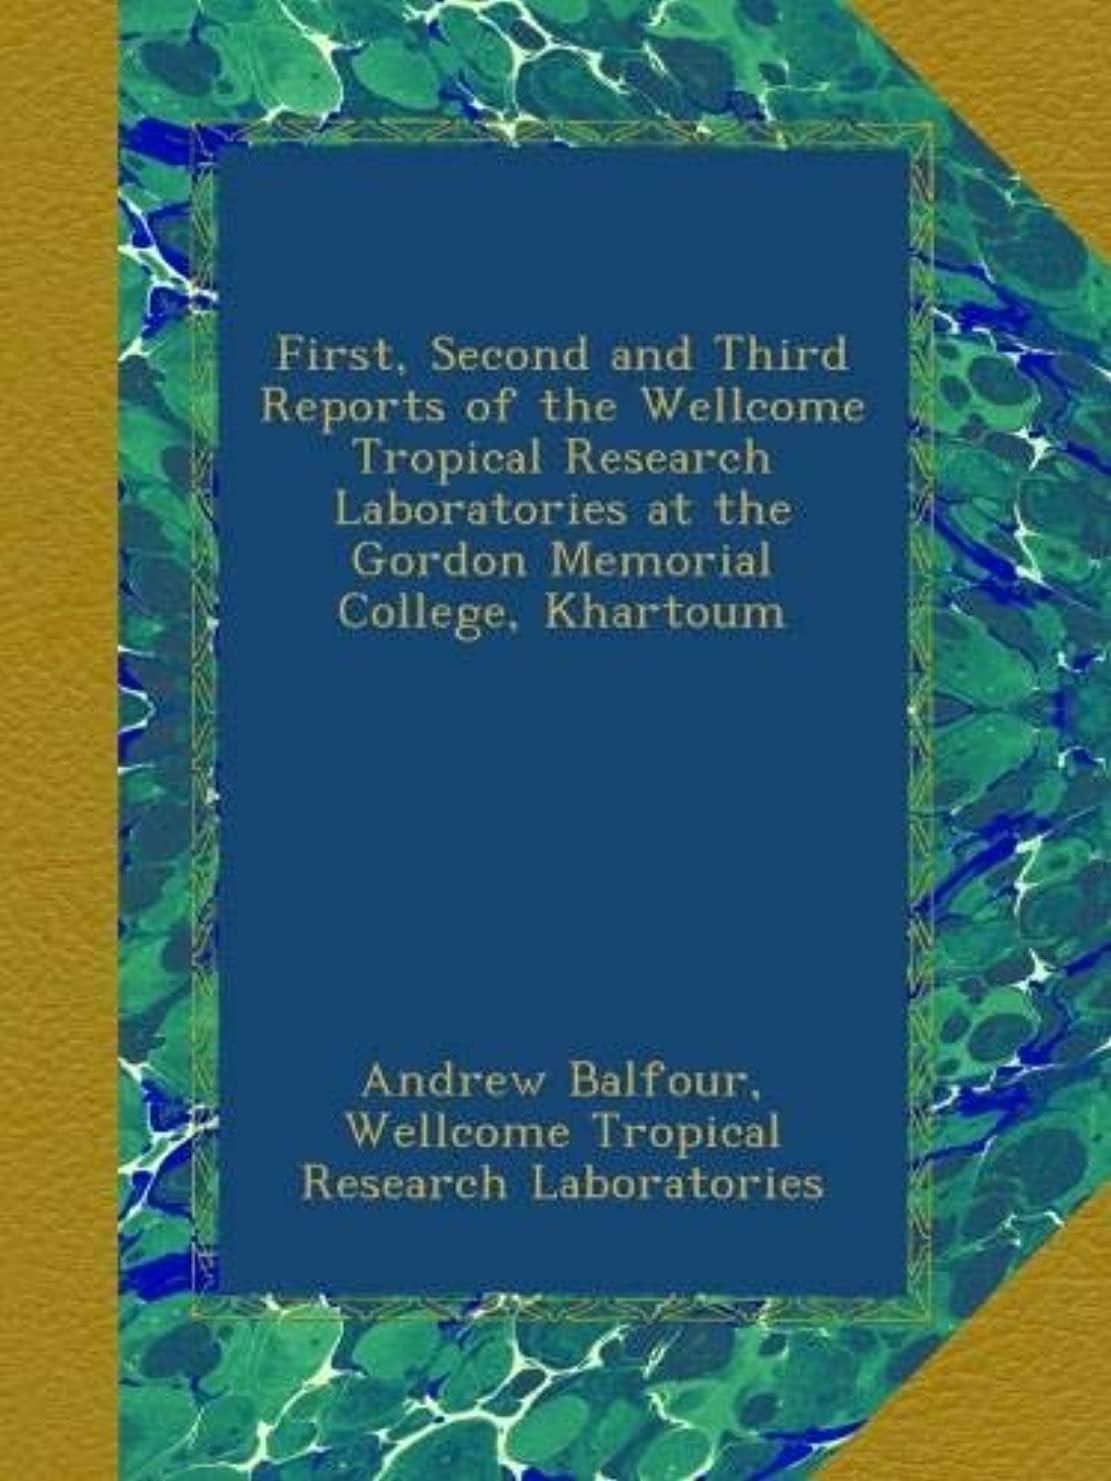 生息地さらに姿を消すFirst, Second and Third Reports of the Wellcome Tropical Research Laboratories at the Gordon Memorial College, Khartoum